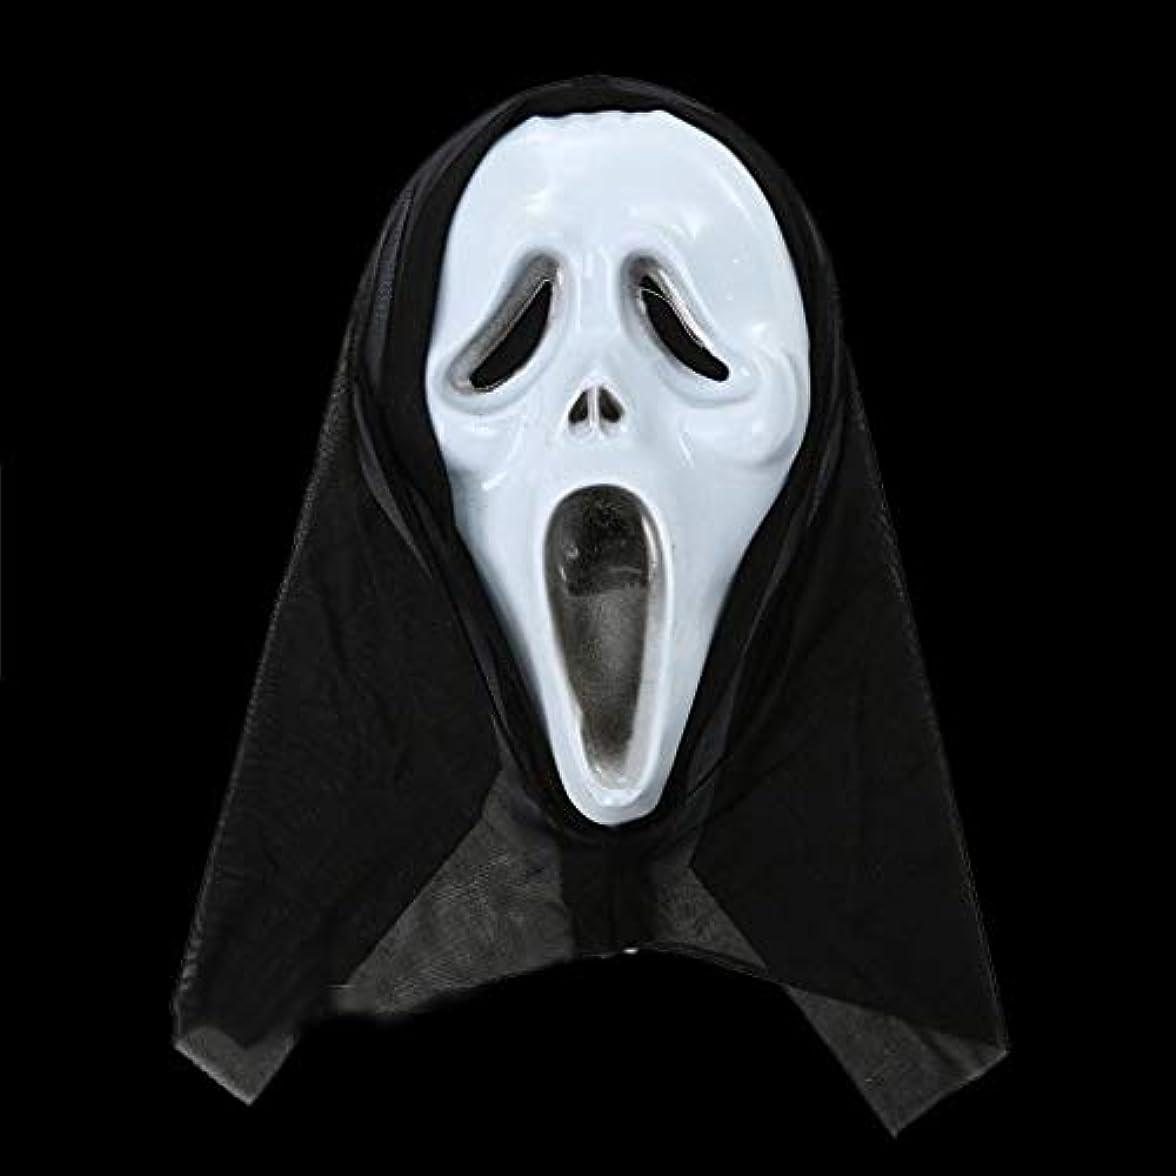 の中で誇大妄想魚DSJSP 男性ハロウィーン仮装衣装パーティーのためのホラー悪魔マスク、ほとんどの大人と十代の若者たちに適合 (Color : O)